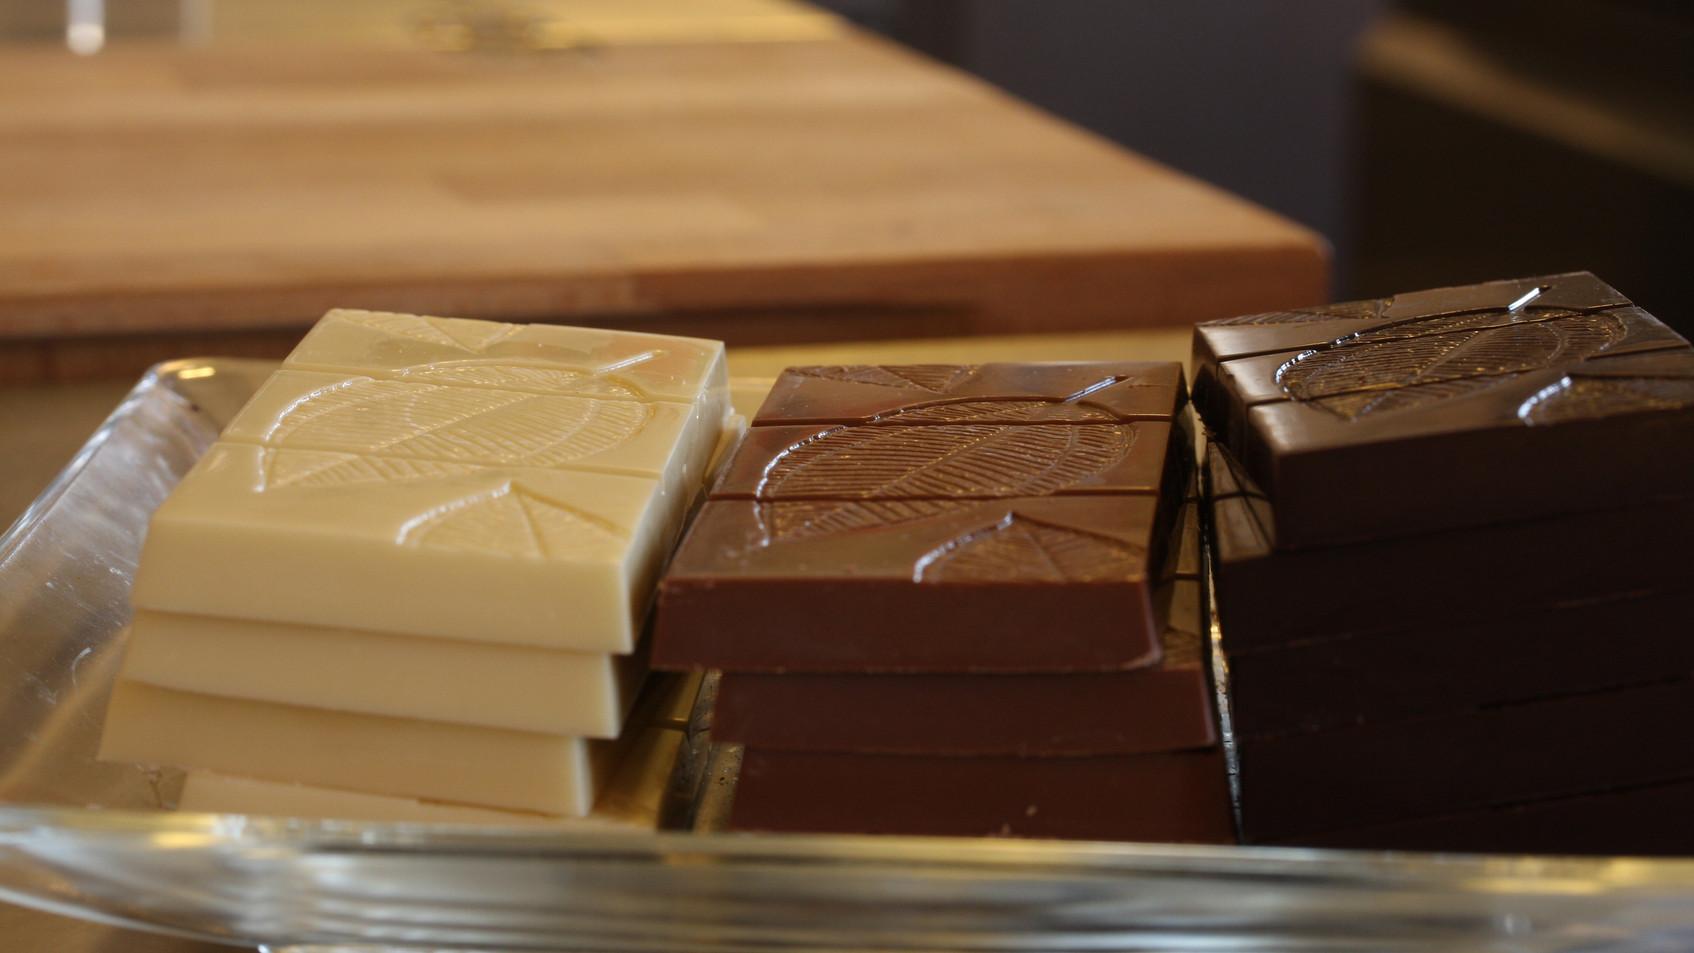 Bars -Plain chocolates